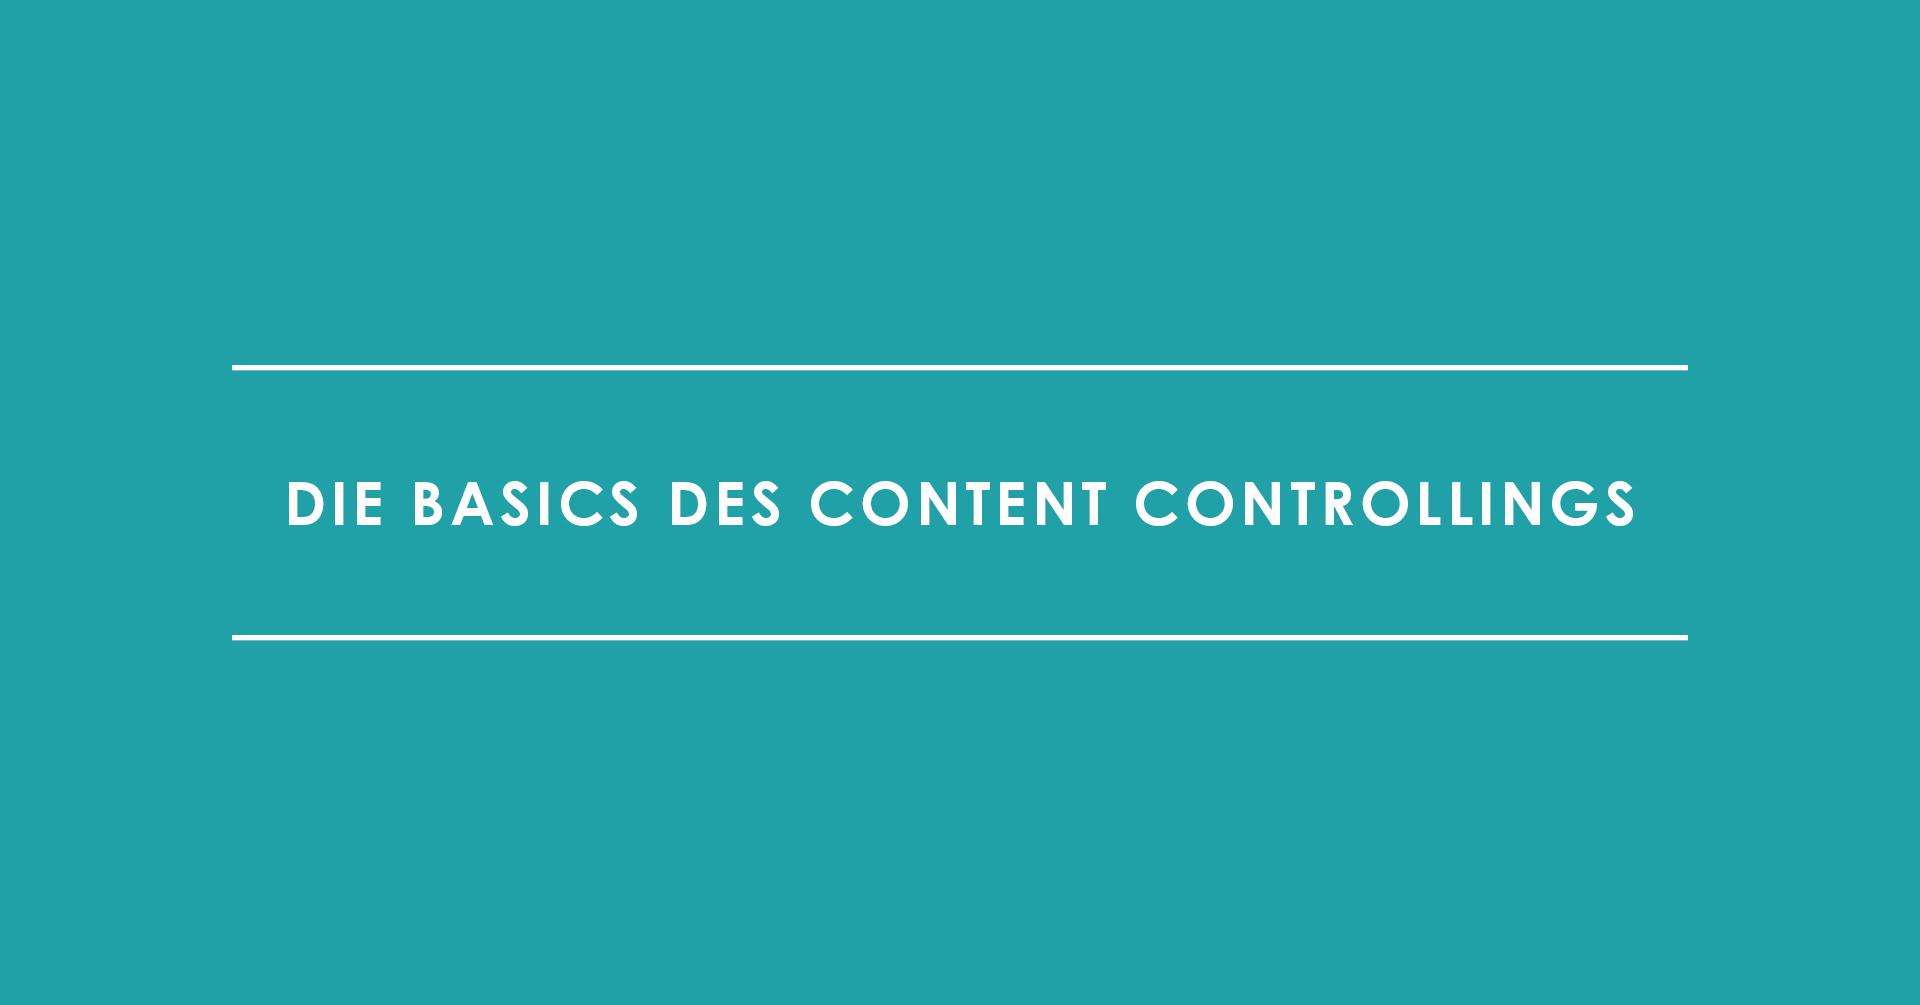 Die Basics des Content Controllings